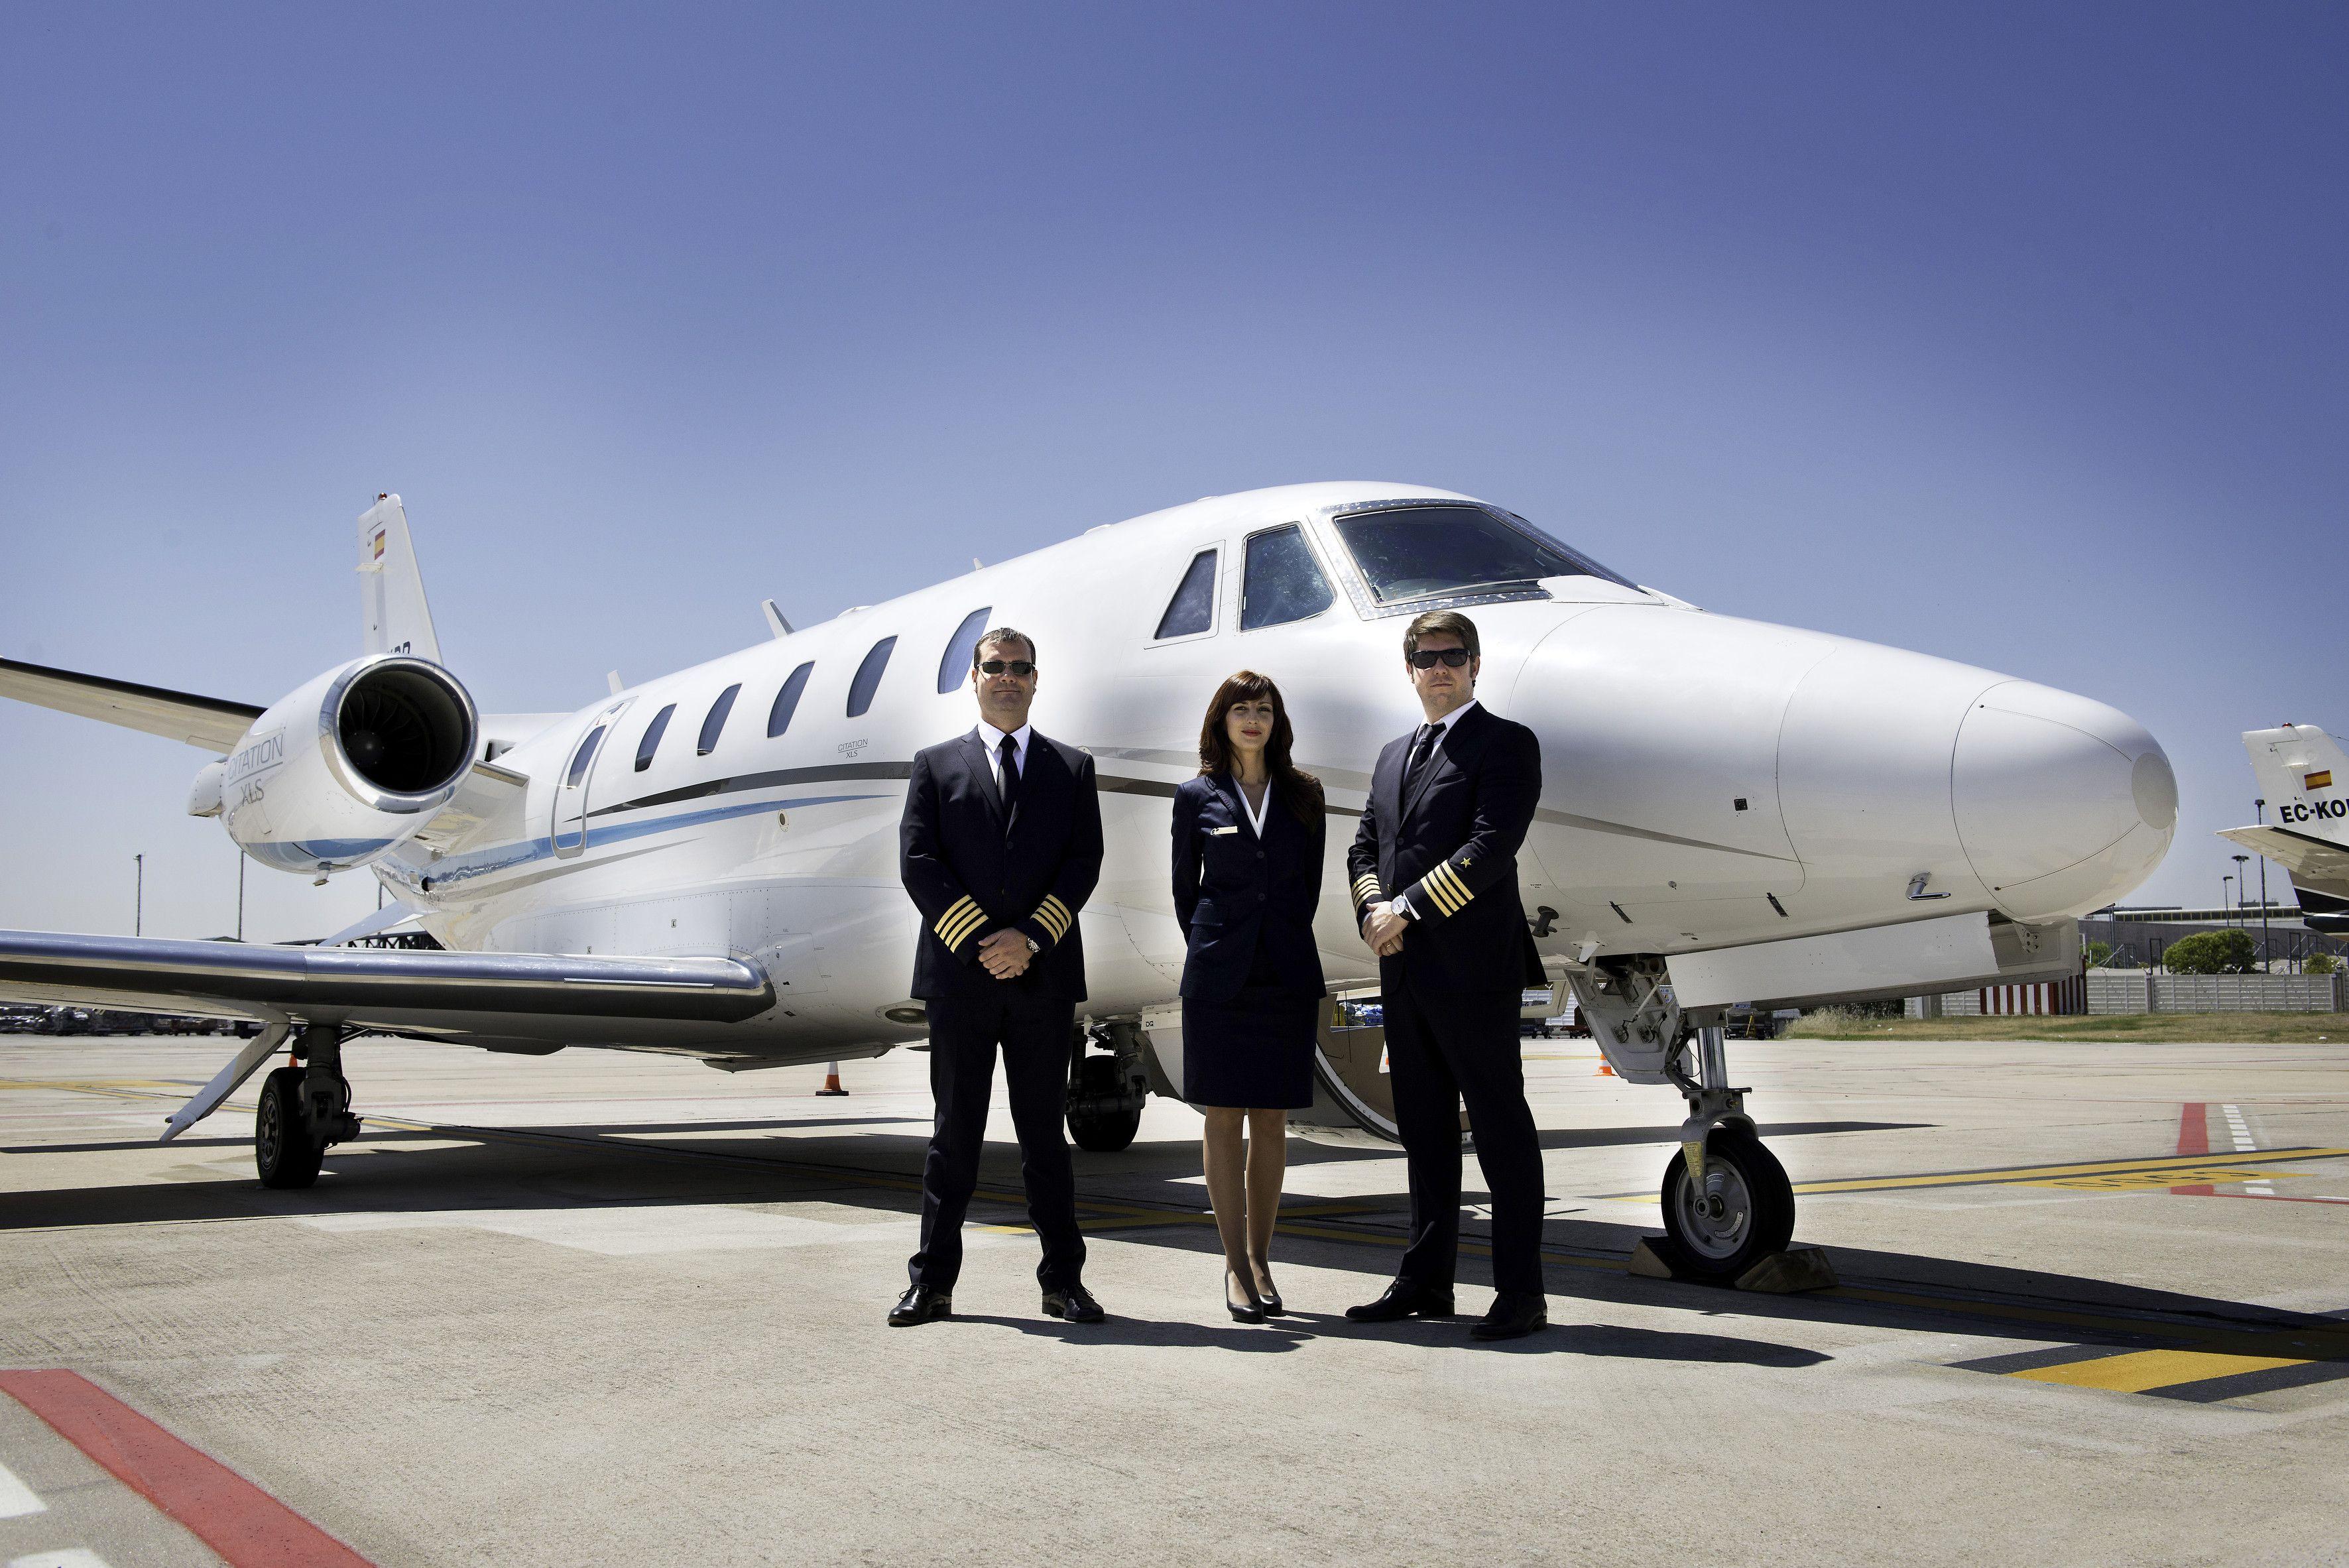 Jets privados: el lujo es tener tiempo